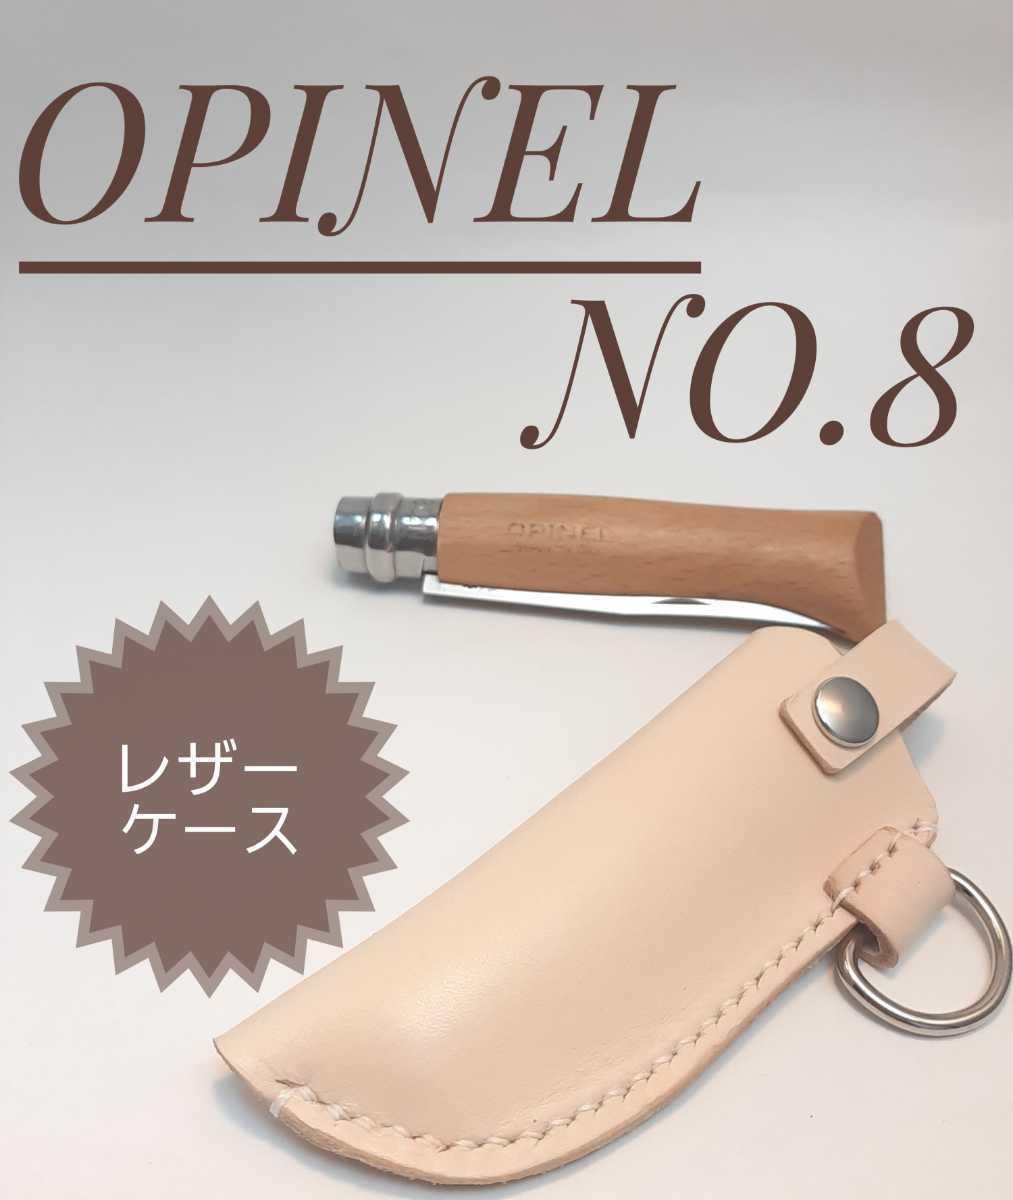 オピネル NO.8 レザーケース 生成り 被せ付き!